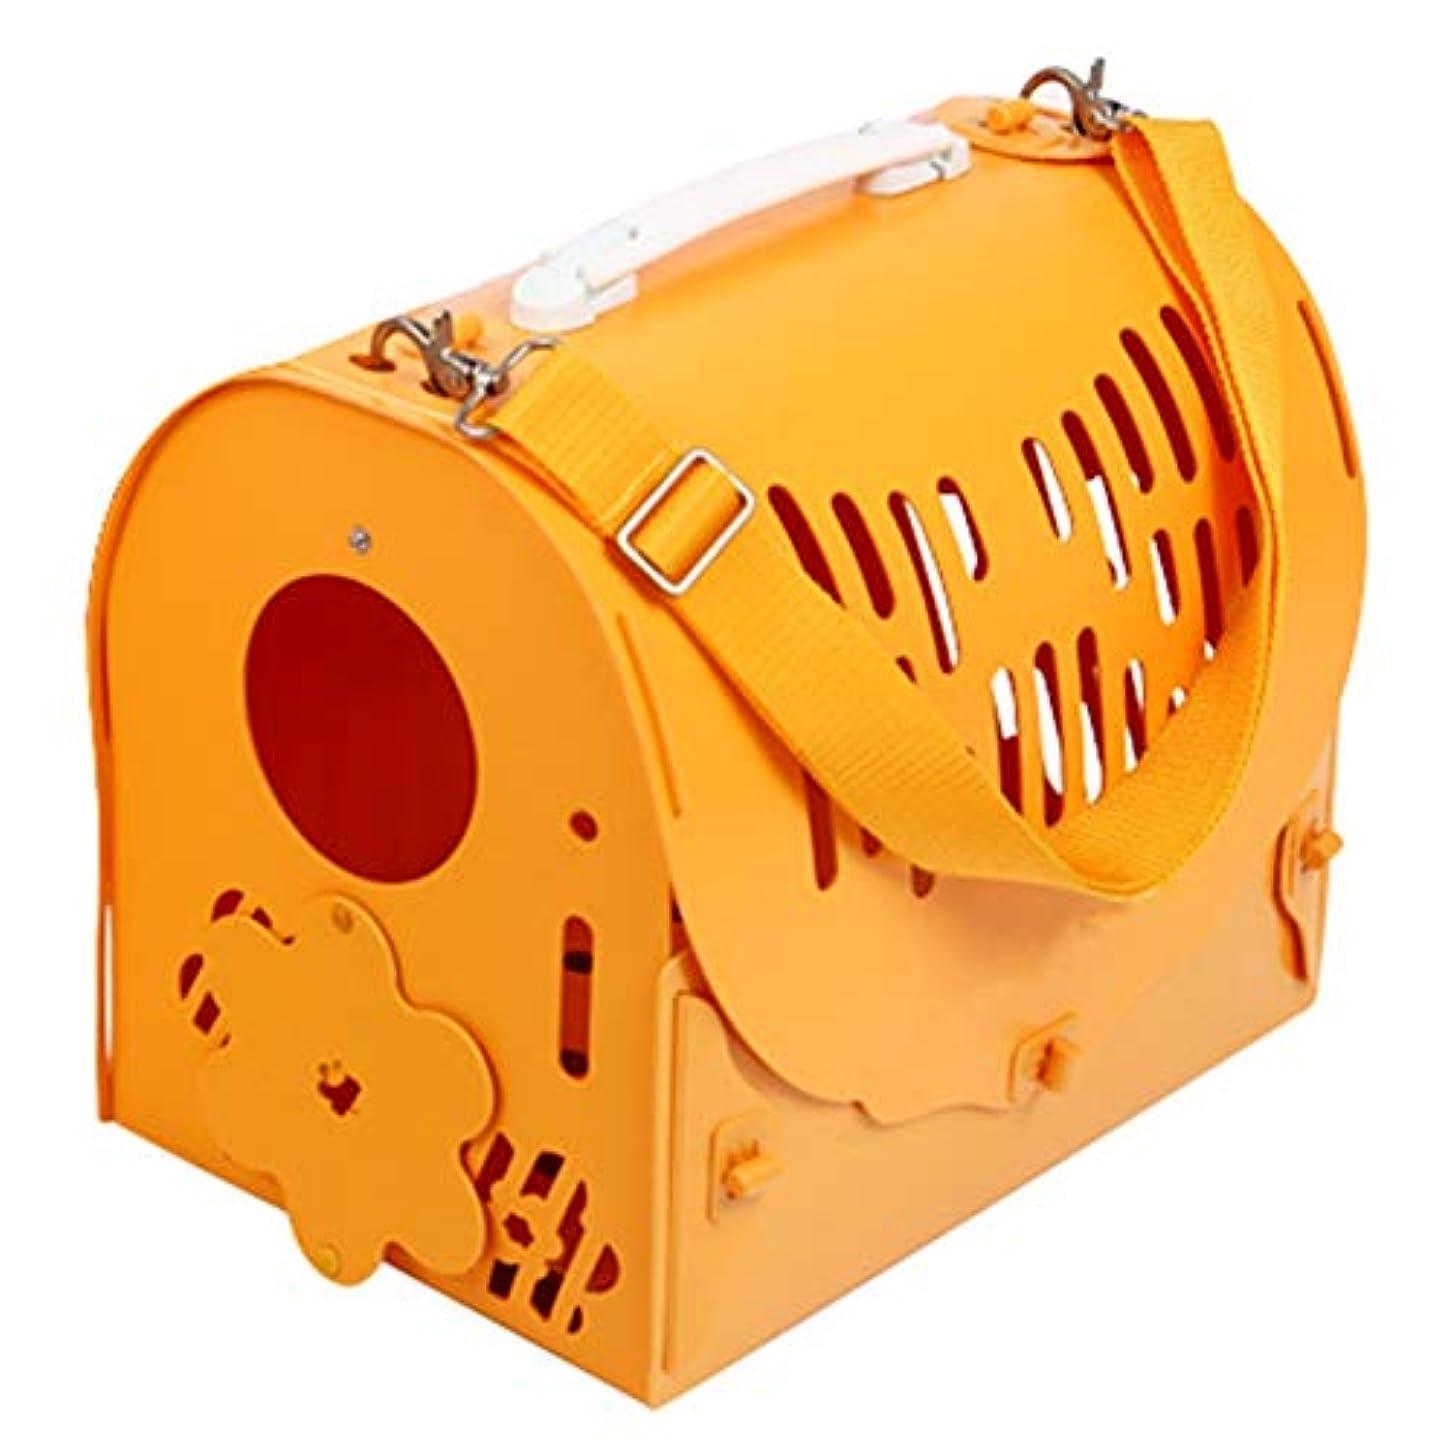 いつか厳召集するペットバックパック 出かける ポータブル グリーン 通気性 ポータブル 片方の肩 猫と犬 特別パッケージ (Color : Yellow, Size : 43x30x35cm)